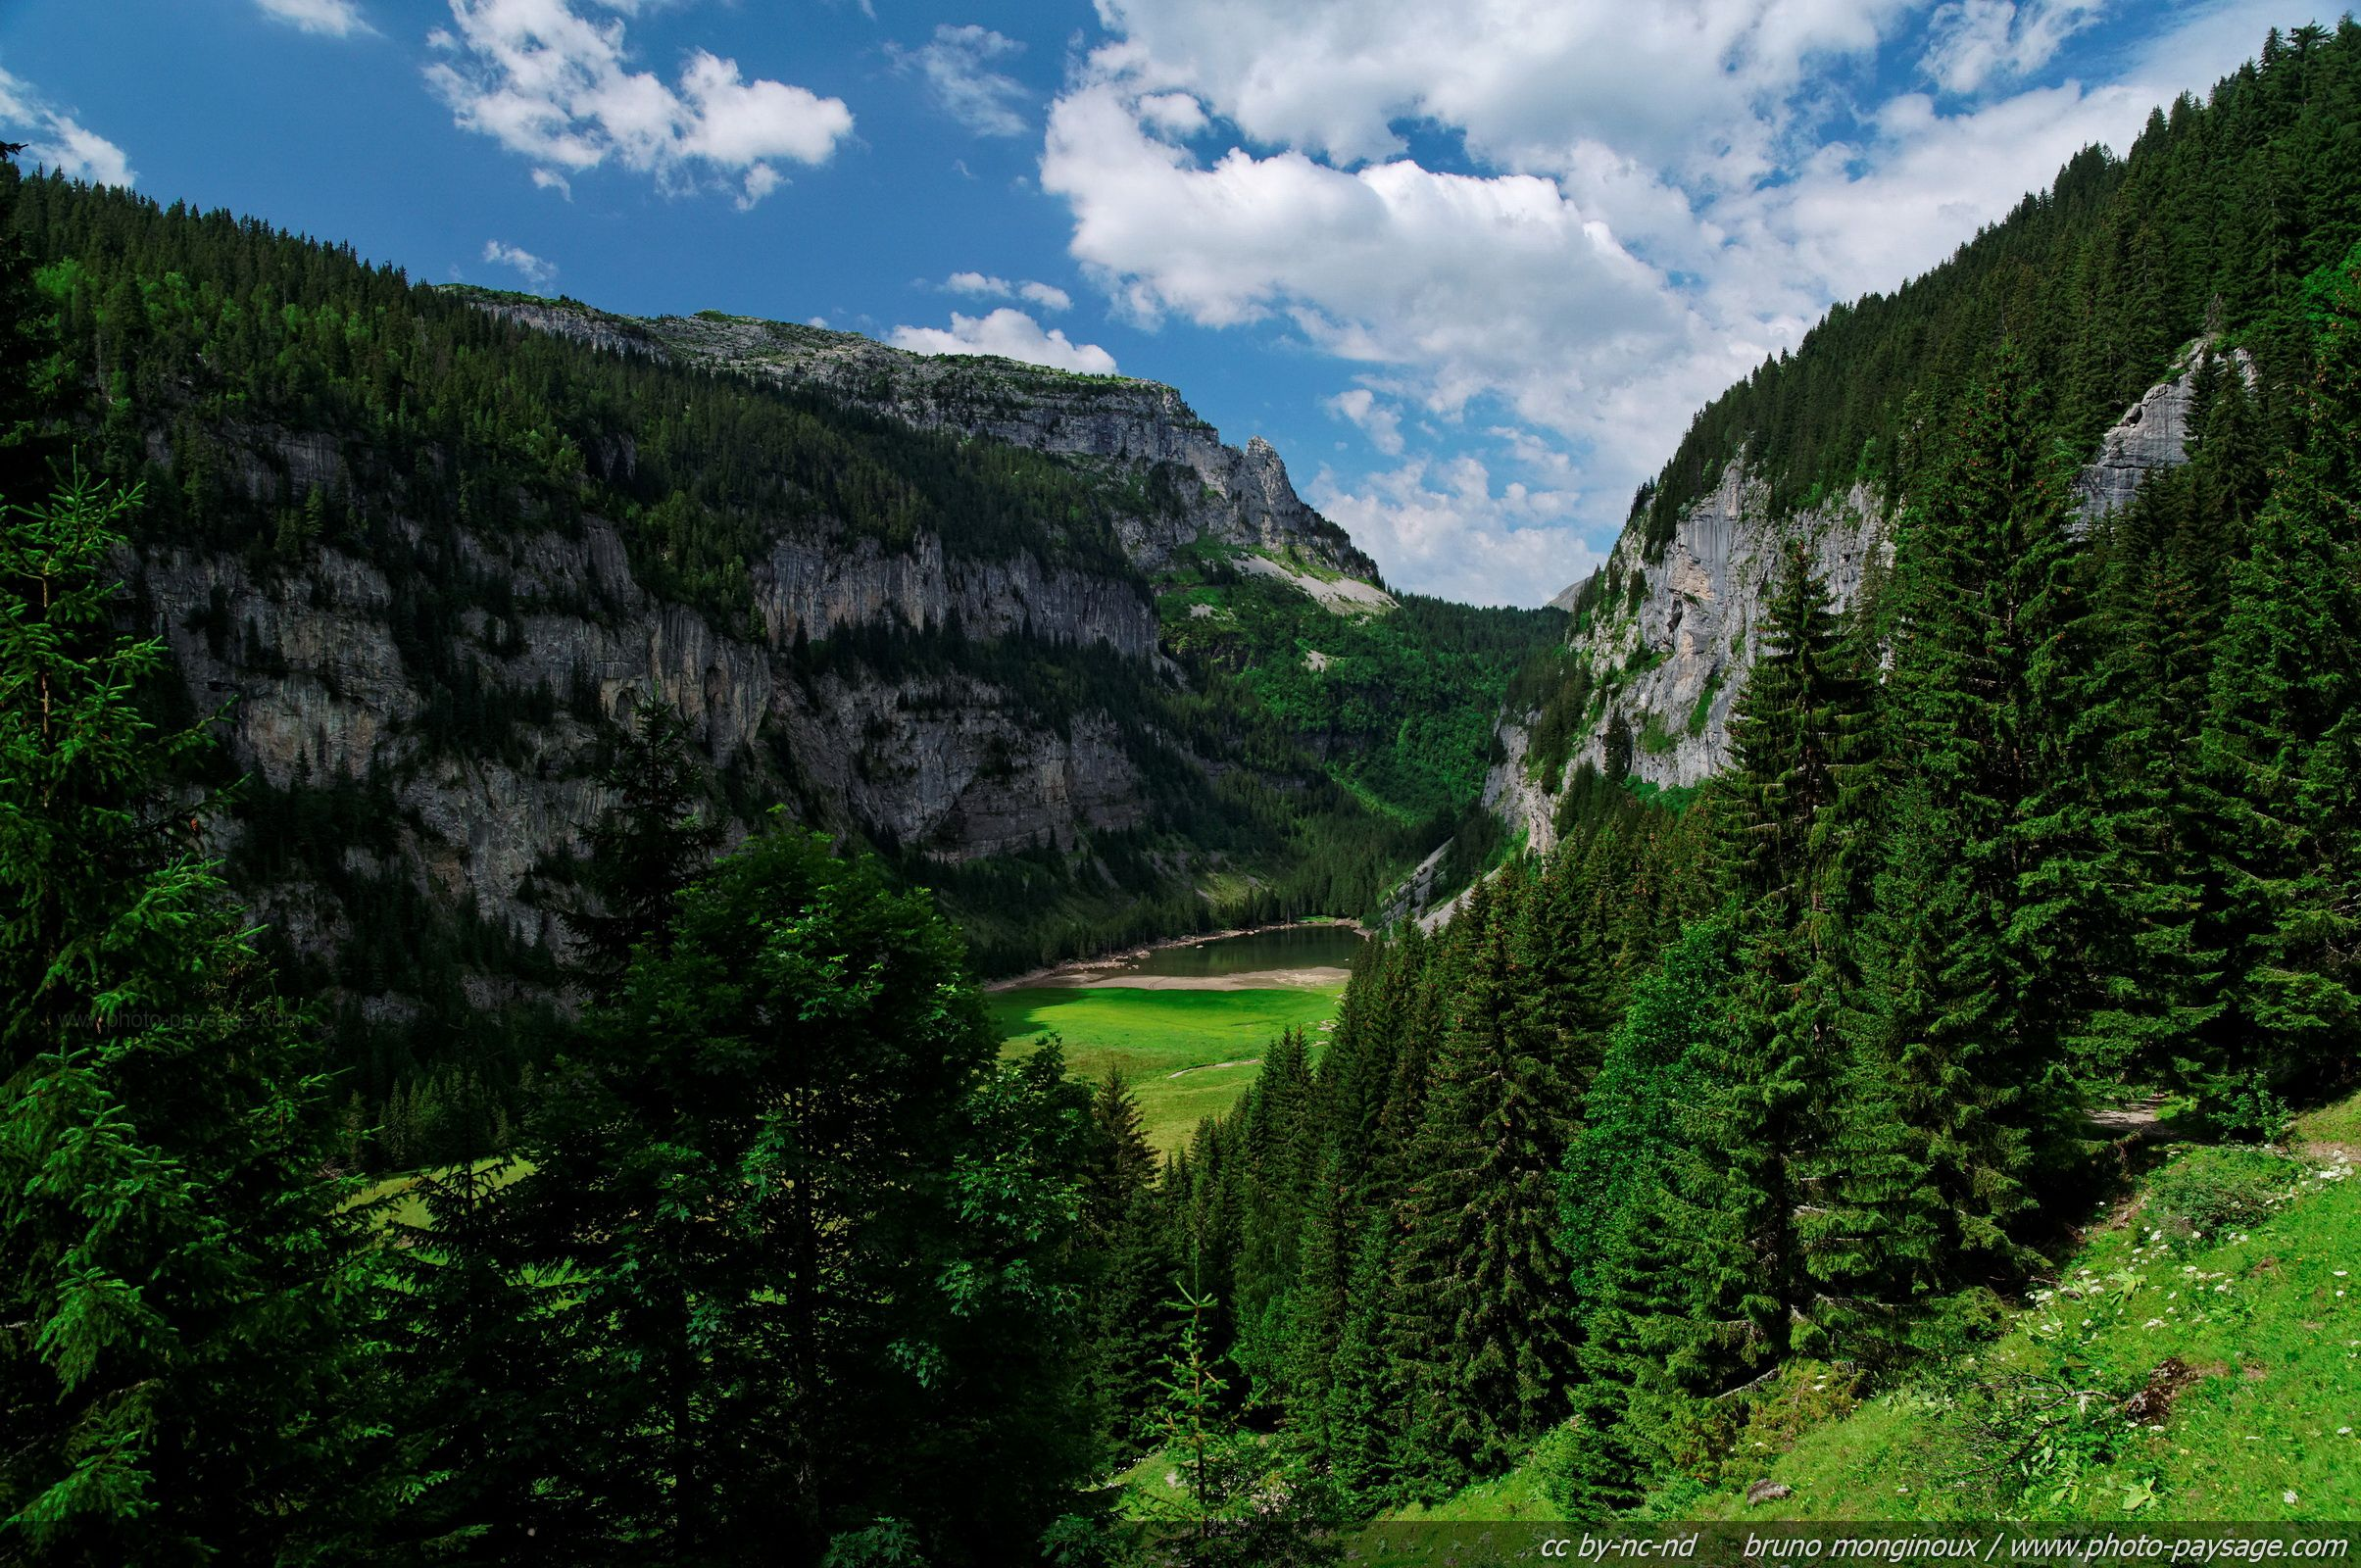 Francia ad alta quota: un caleidoscopio di proposte fra natura, cultura e relax per gli amanti della montagna